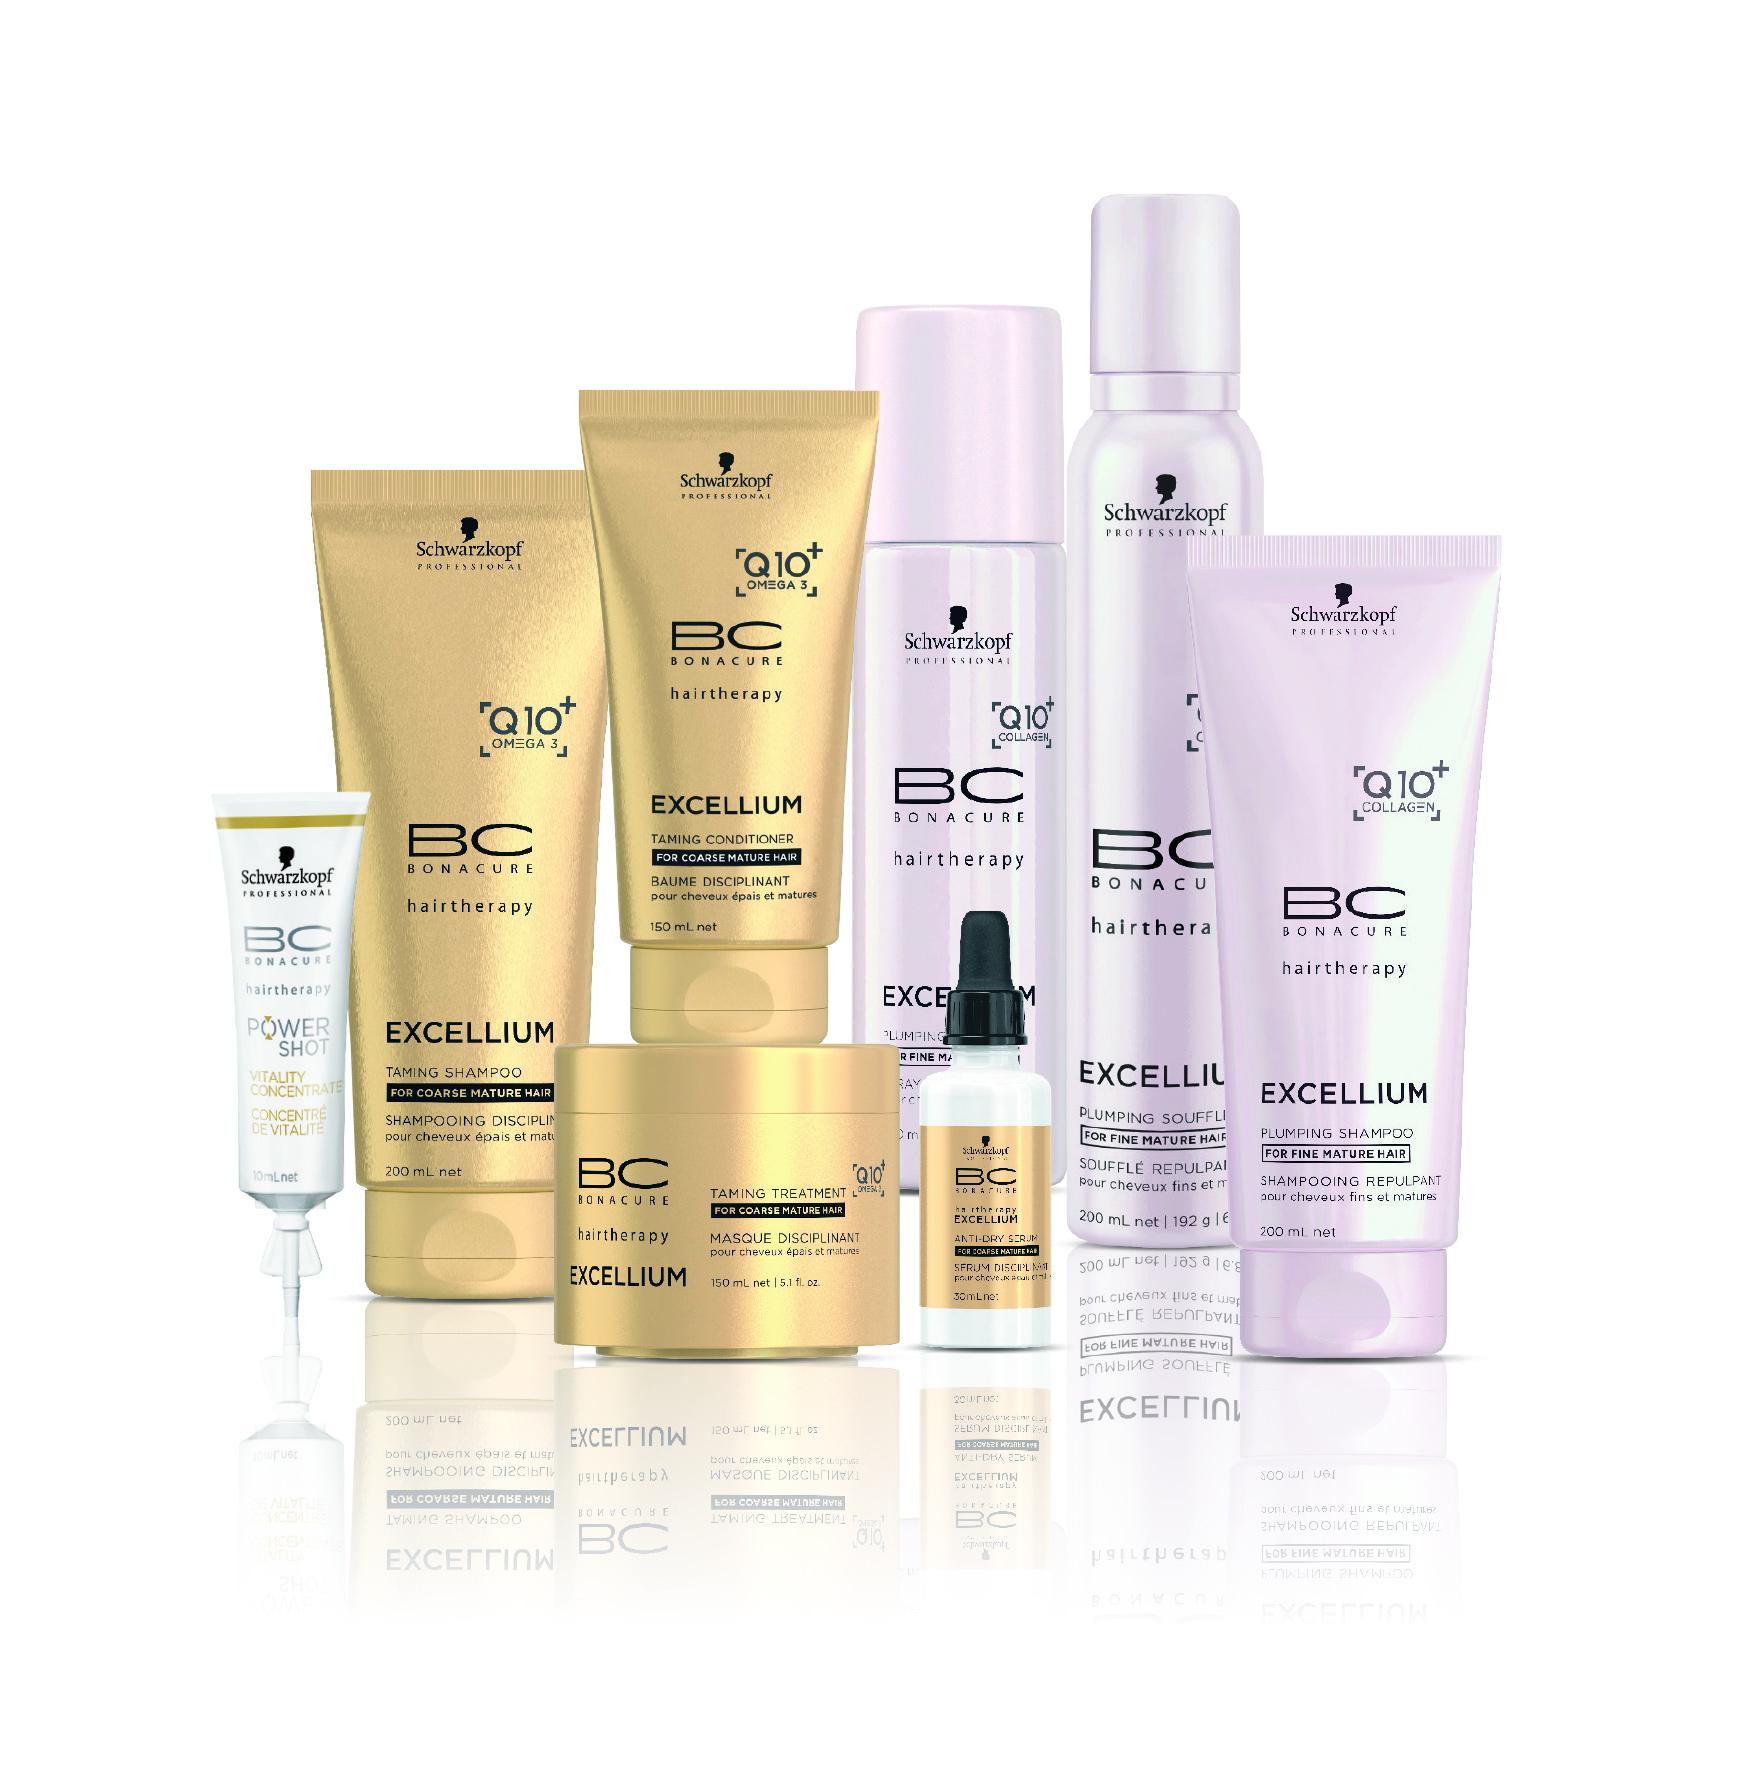 שוורצקופף פרופשיונל- סדרת- BC EXCELLIUM Q10 - קו המוצרים המומחה לכל סוגי השיער הבוגר.